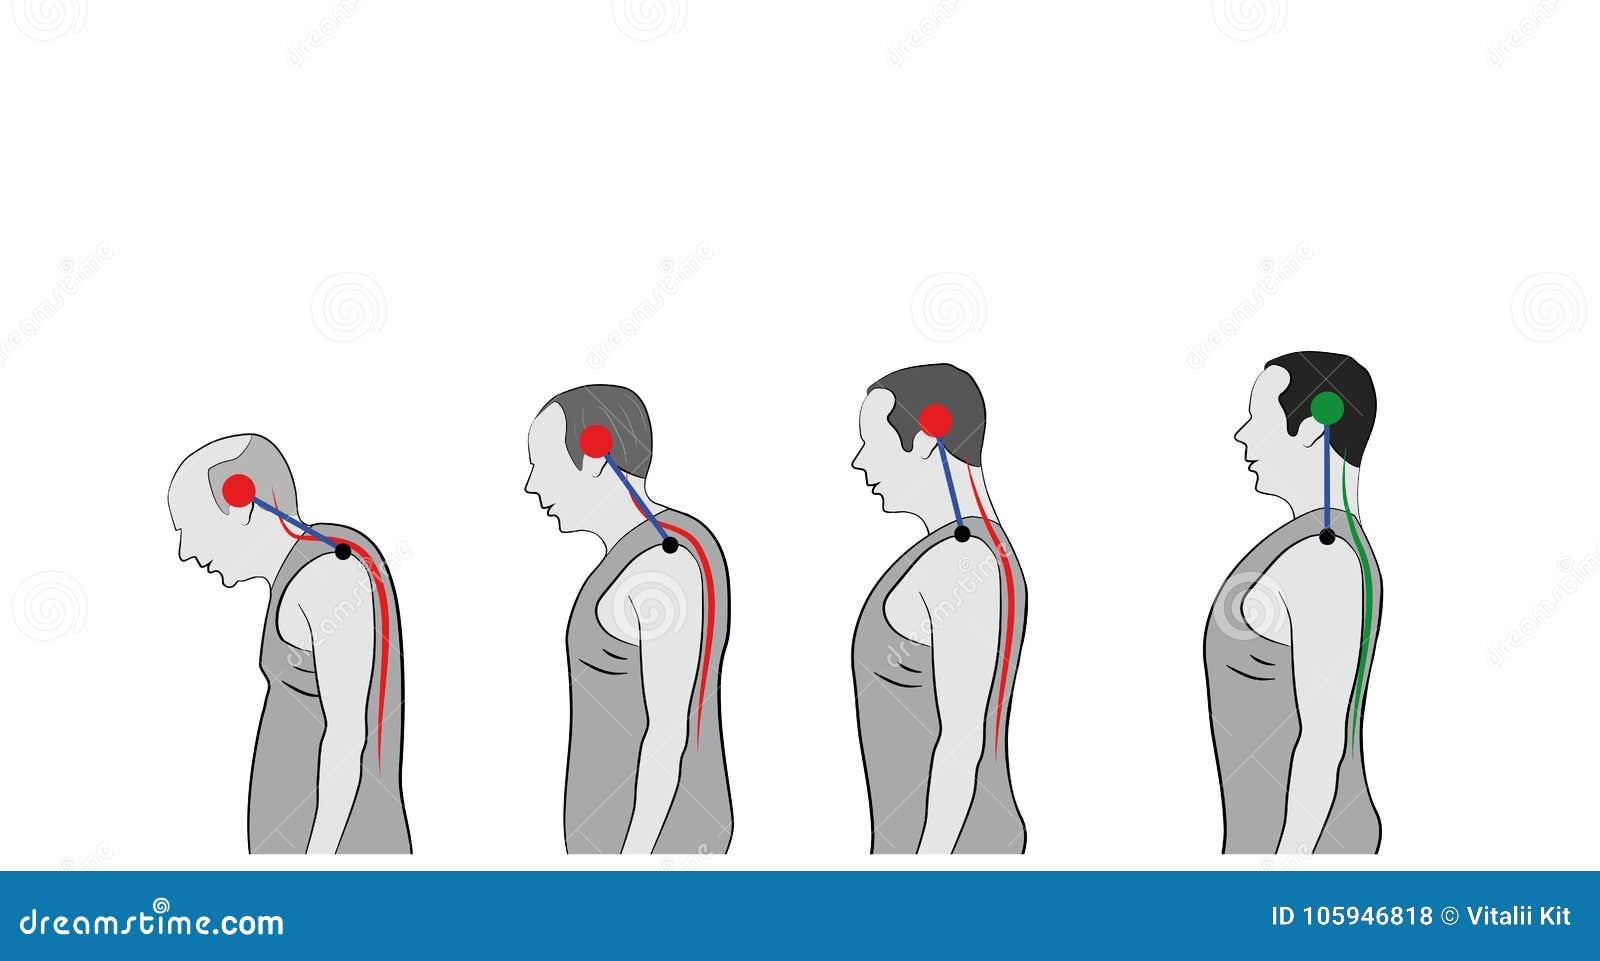 Ανάπτυξη μιας γυρθμένης θέσης με την ηλικία, που παρουσιάζει αυξανόμενη κυρτότητα της σπονδυλικής στήλης